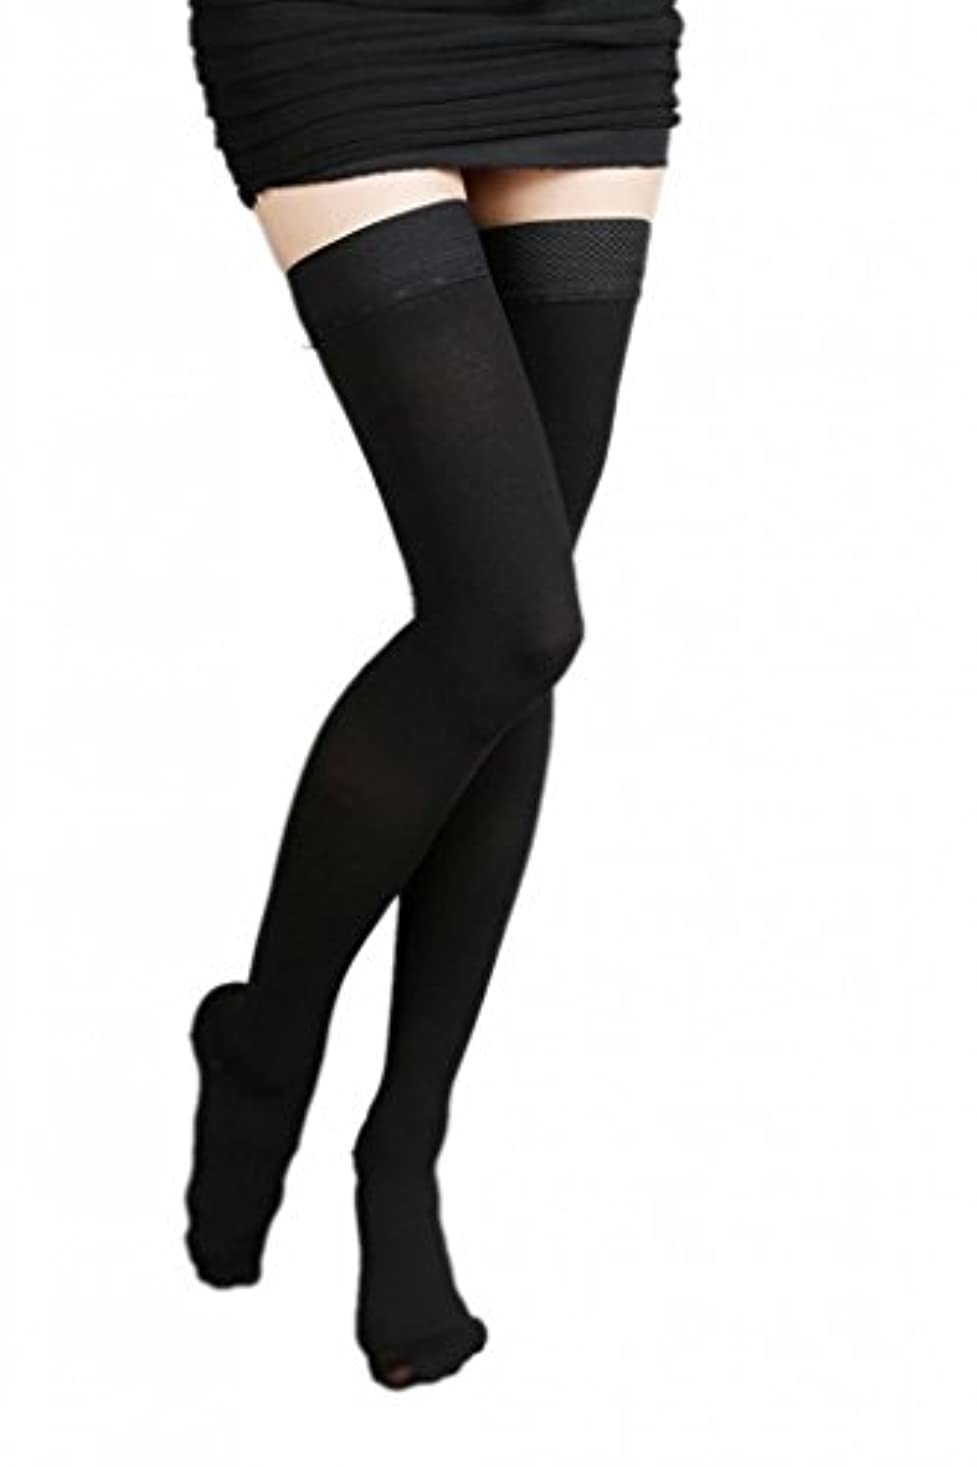 評議会クリーク木曜日(ラボーグ)La Vogue 美脚 着圧オーバーニーソックス ハイソックス 靴下 弾性ストッキング つま先あり着圧ソックス M 3級強圧 黒色